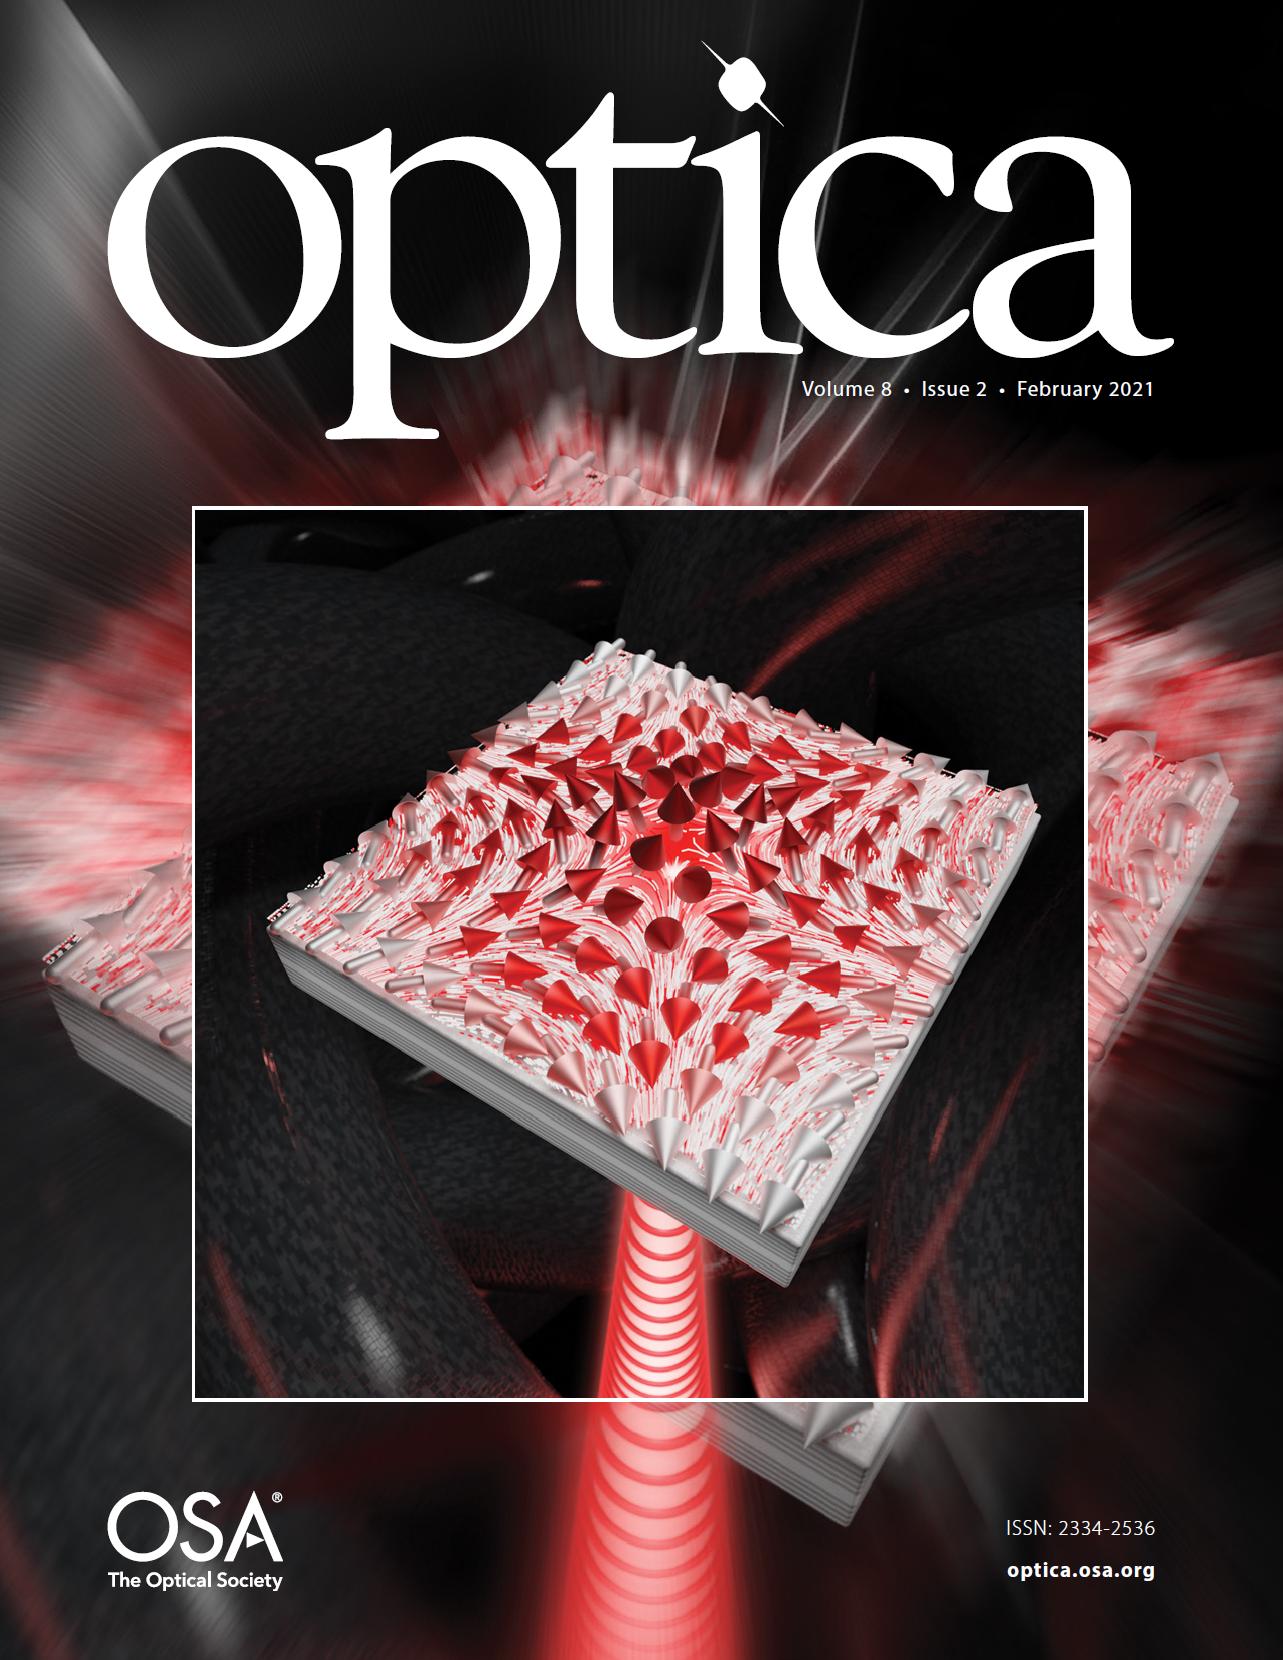 Optica. Vol. 8. Issue 2. p. 255-261 (2021).